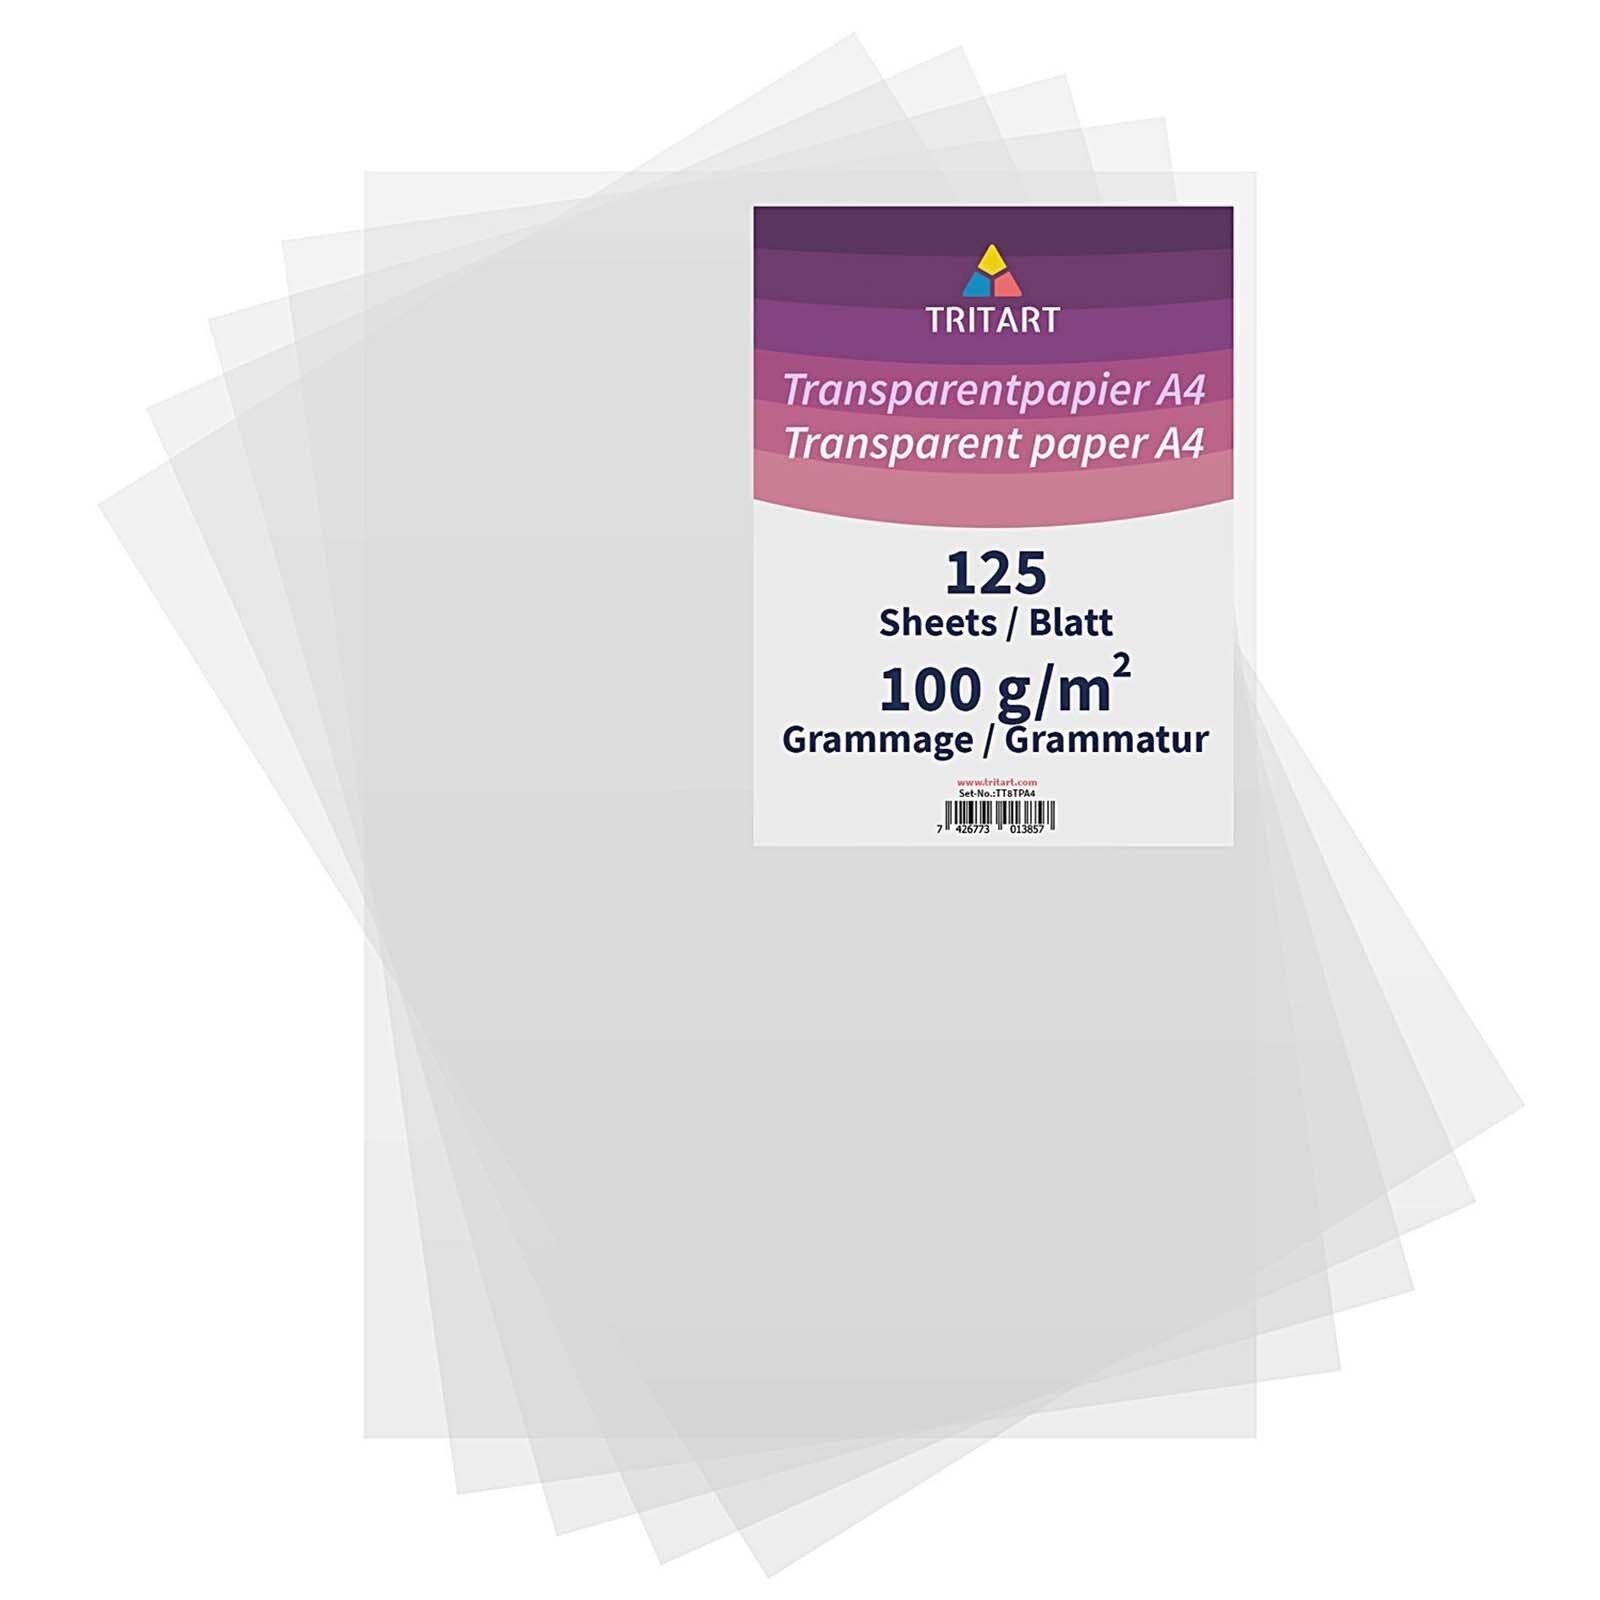 Transparentpapier Bedruckbar Weiß DIN A4 | 125 Blatt 100g/qm Papier Transparent